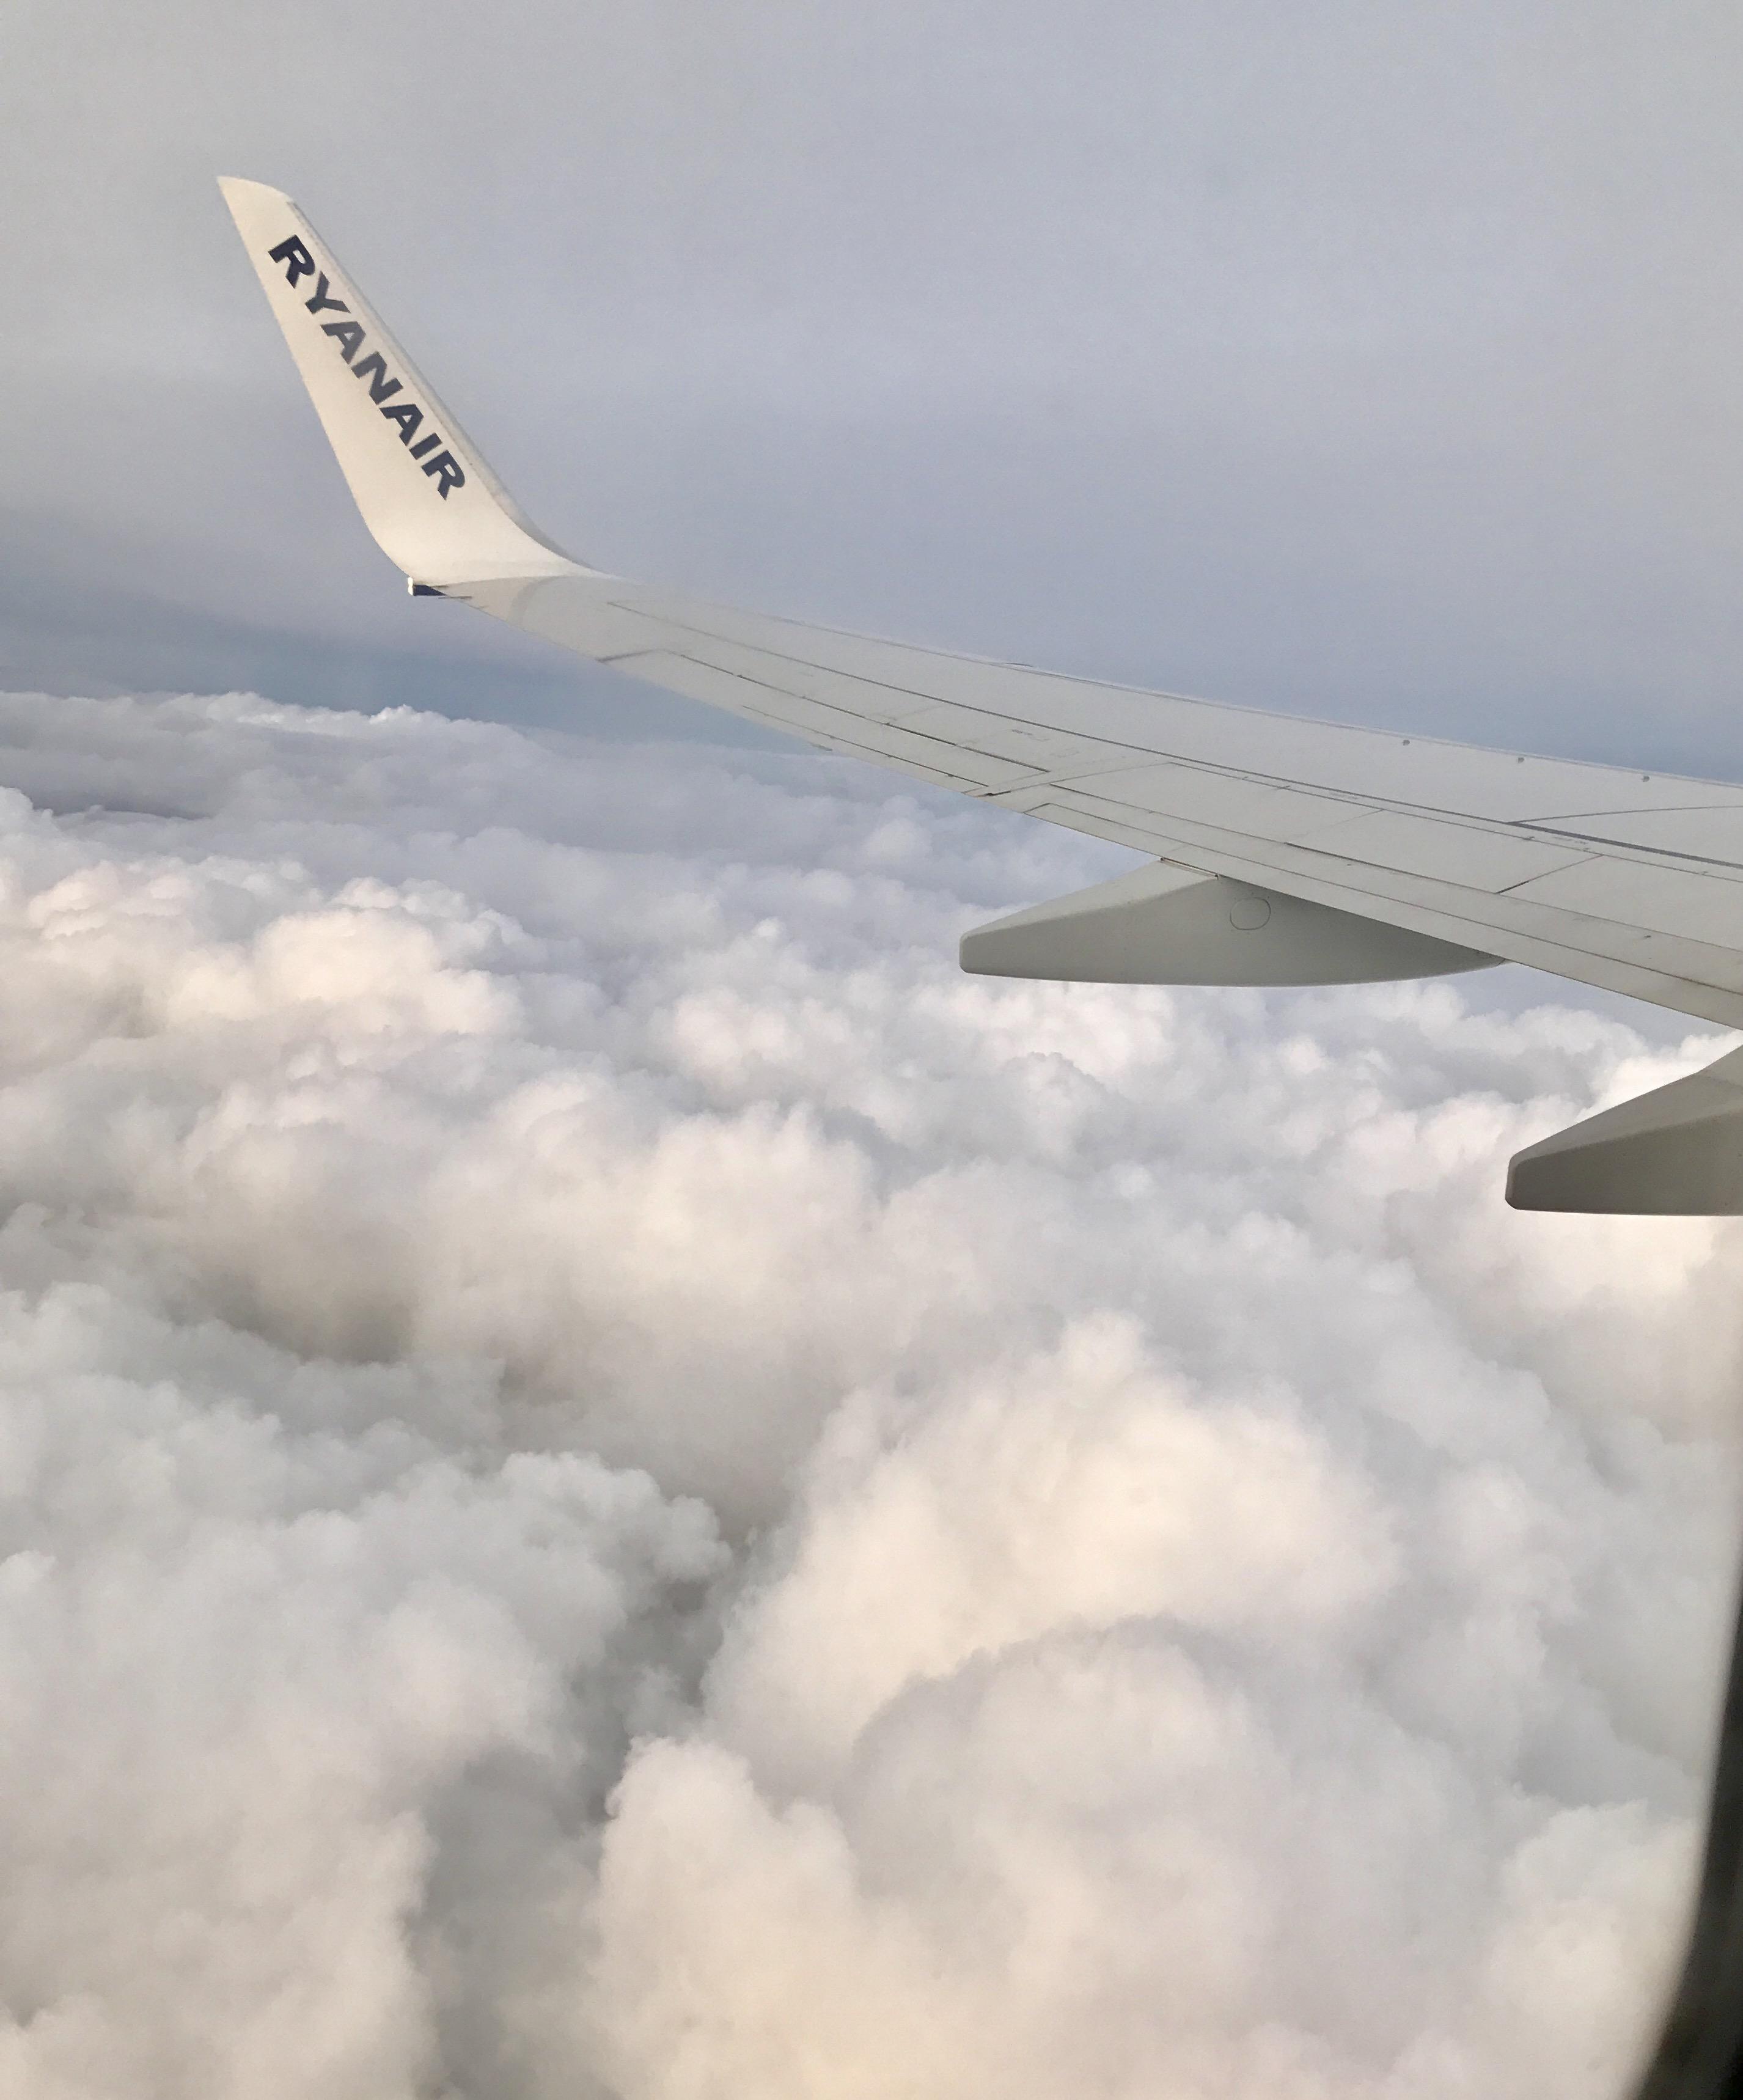 Flying Fears